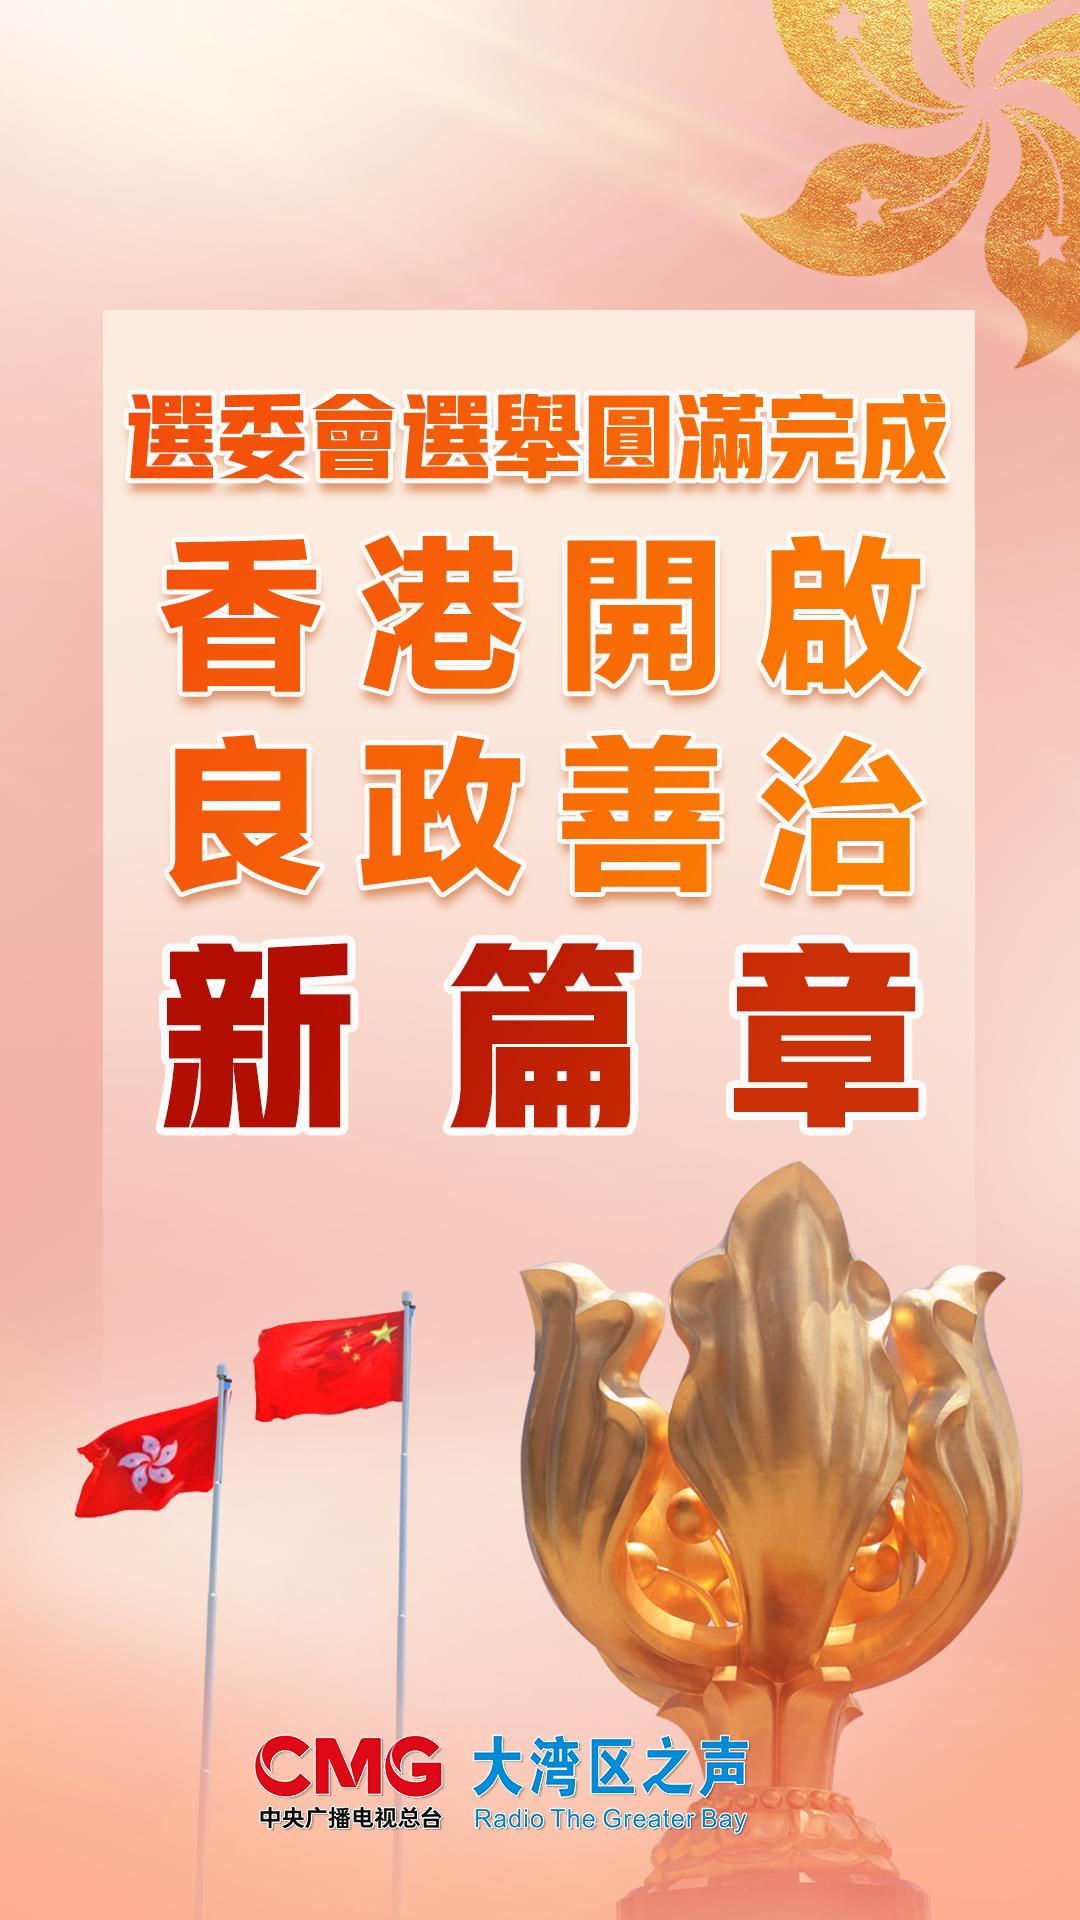 大湾区之声热评:选委会选举圆满完成 香港开启良政善治新篇章